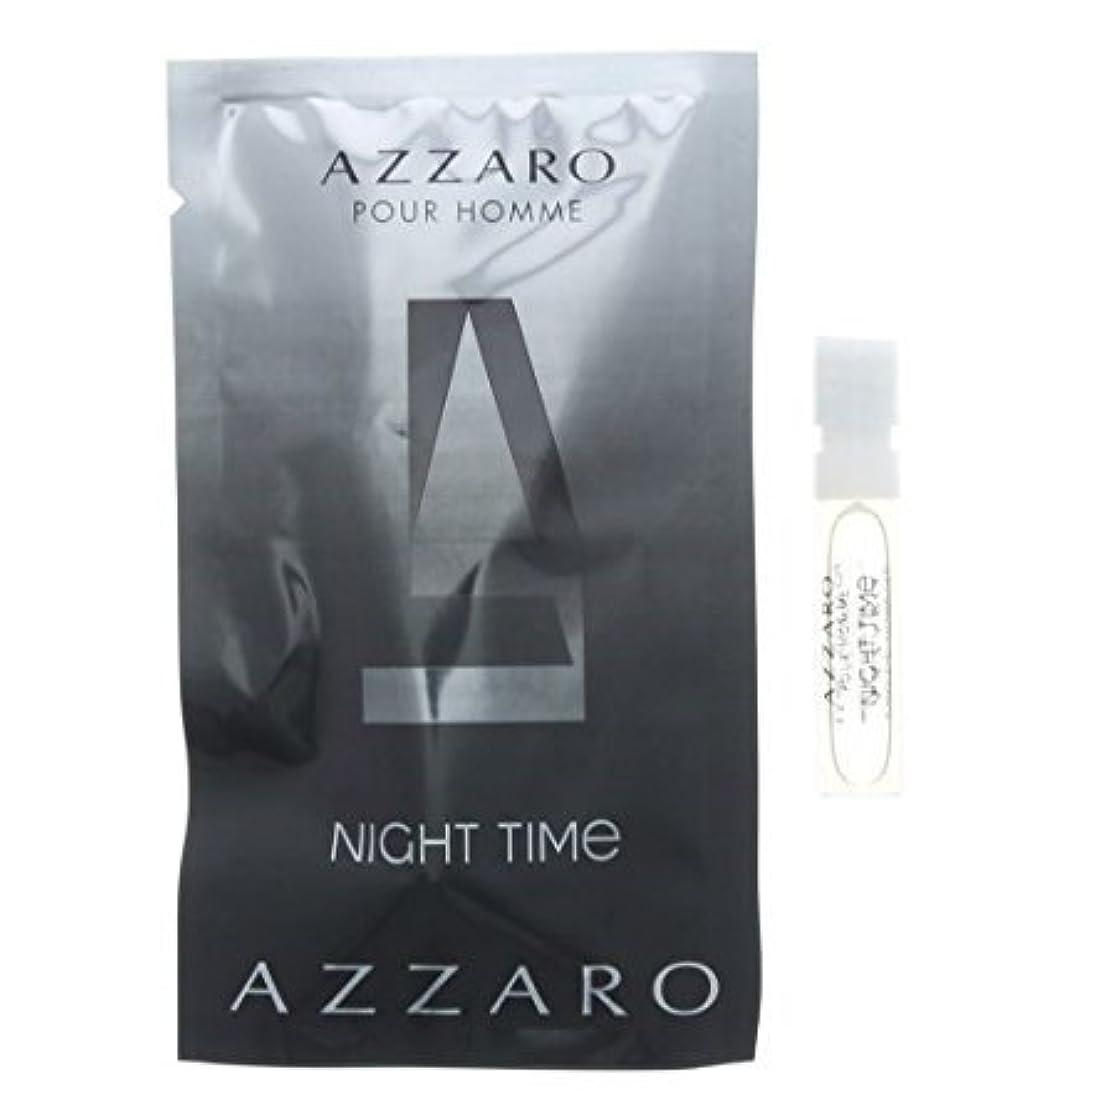 してはいけないピボット前提条件アザロ ナイトタイム プールオム オードトワレ 1.5ml AZZARO NIGHT TIME POUR HOMME EDT